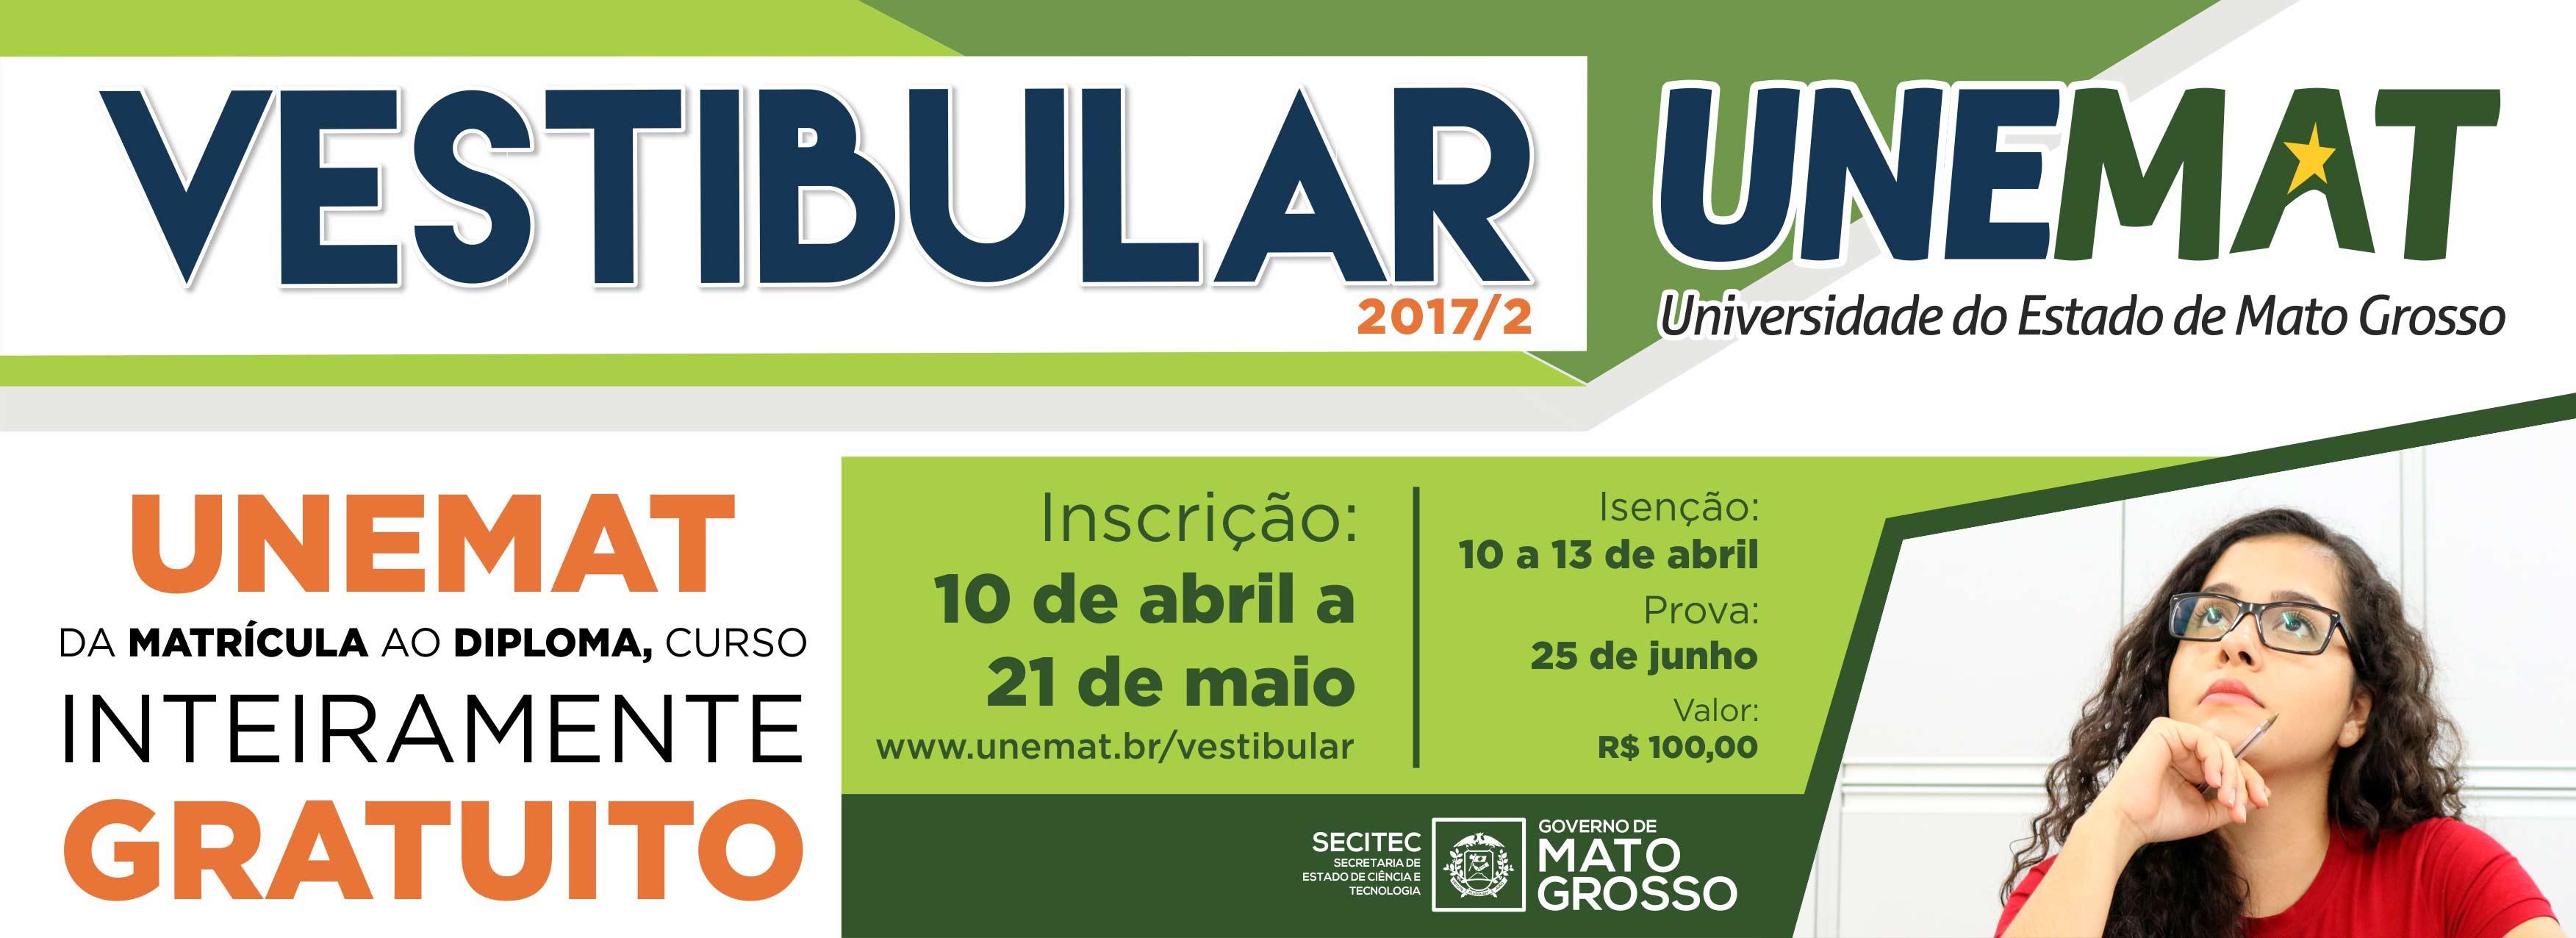 Abertas as Inscrições do Vestibular da UNEMAT para Ingresso em 2017/2